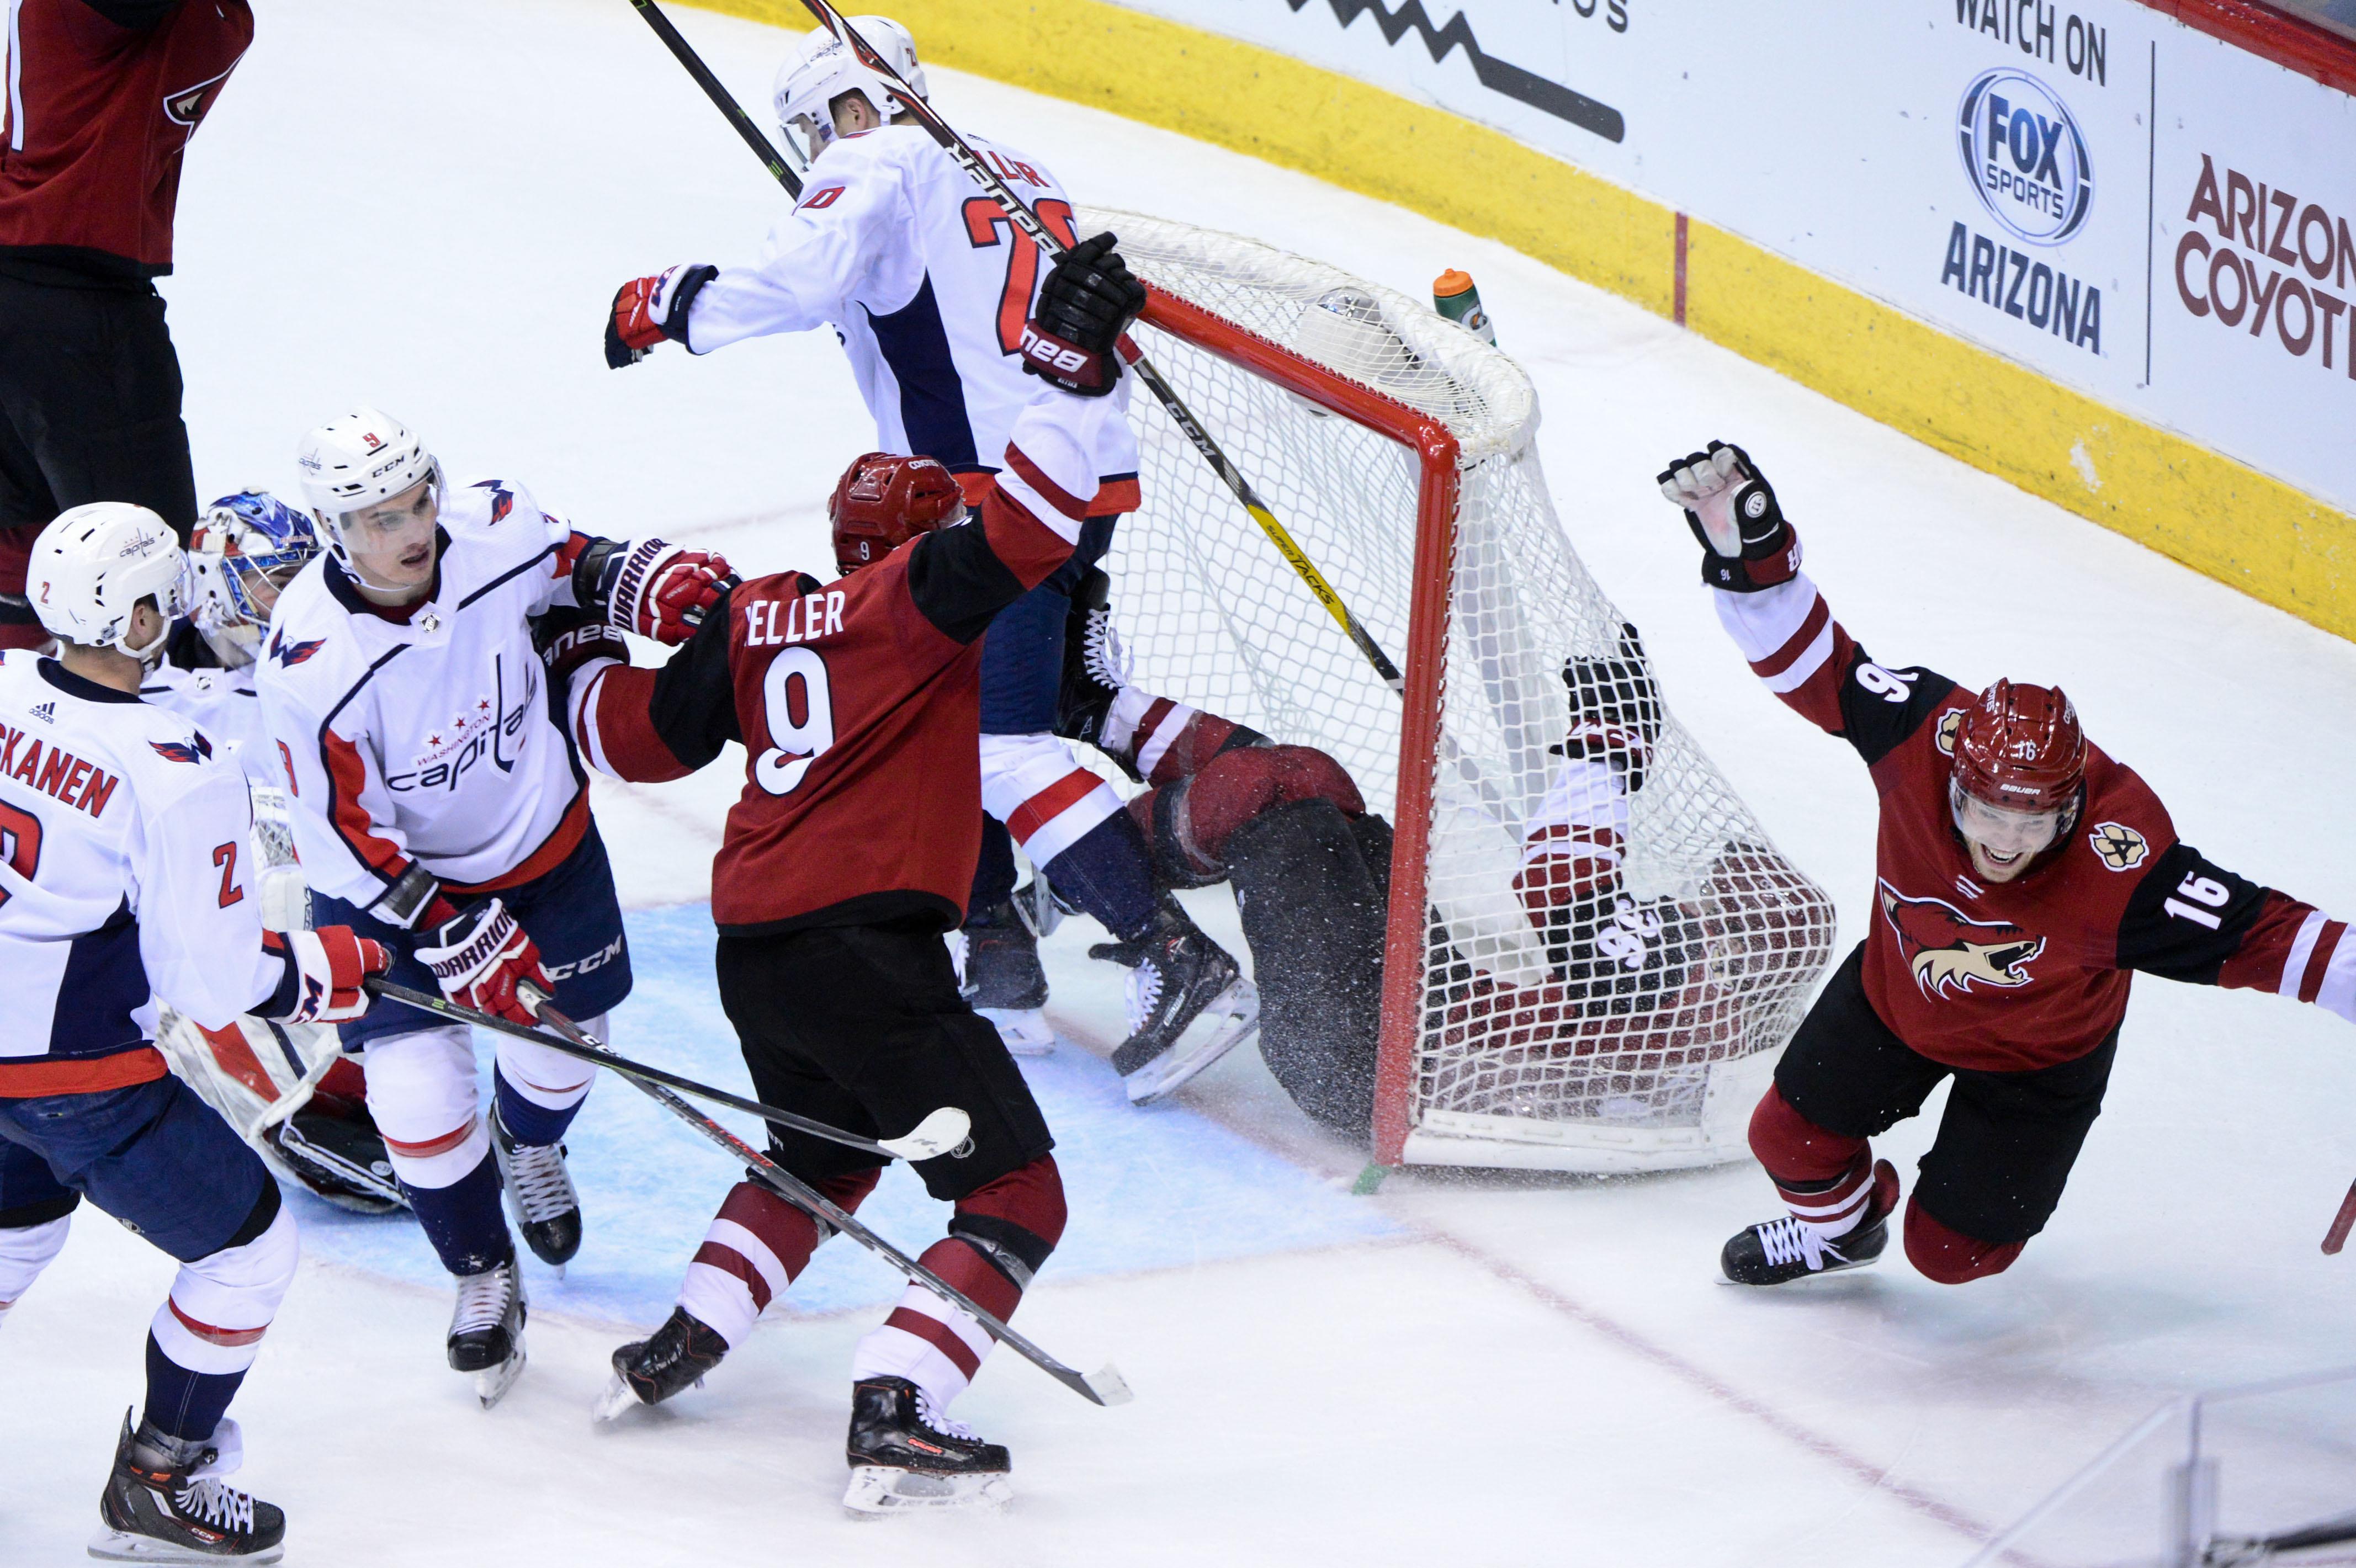 NHL: Washington Capitals at Arizona Coyotes